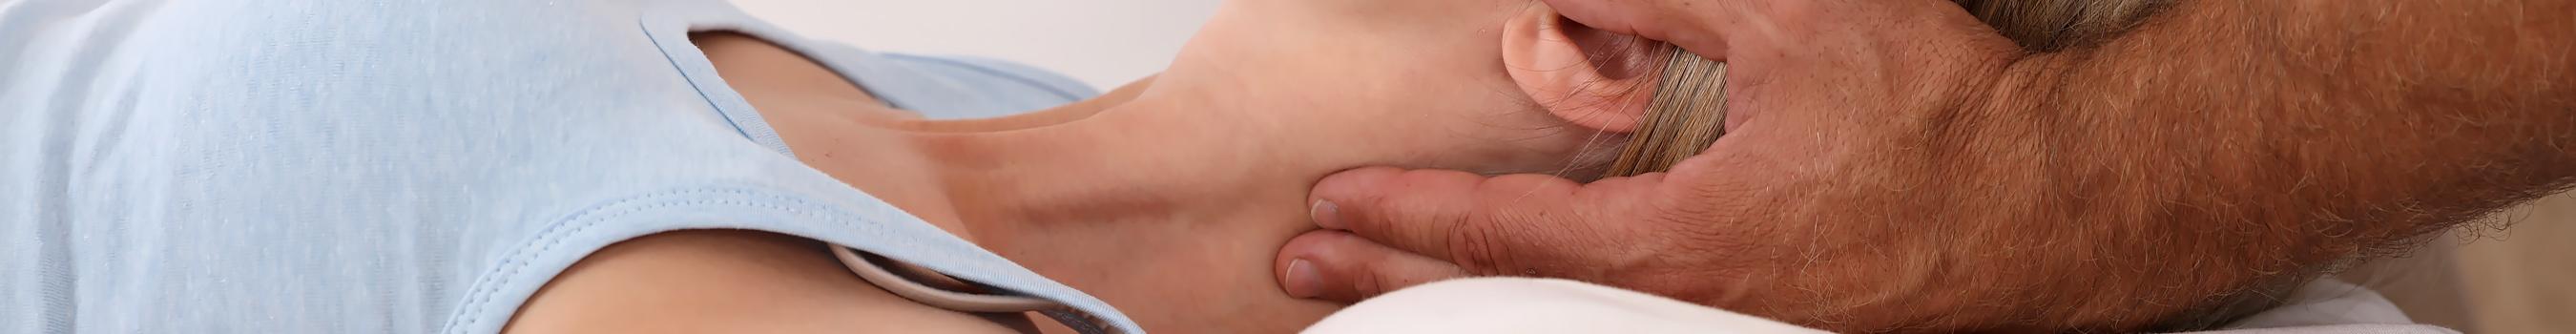 header-osteopathie-destreek-tarieven.jpg